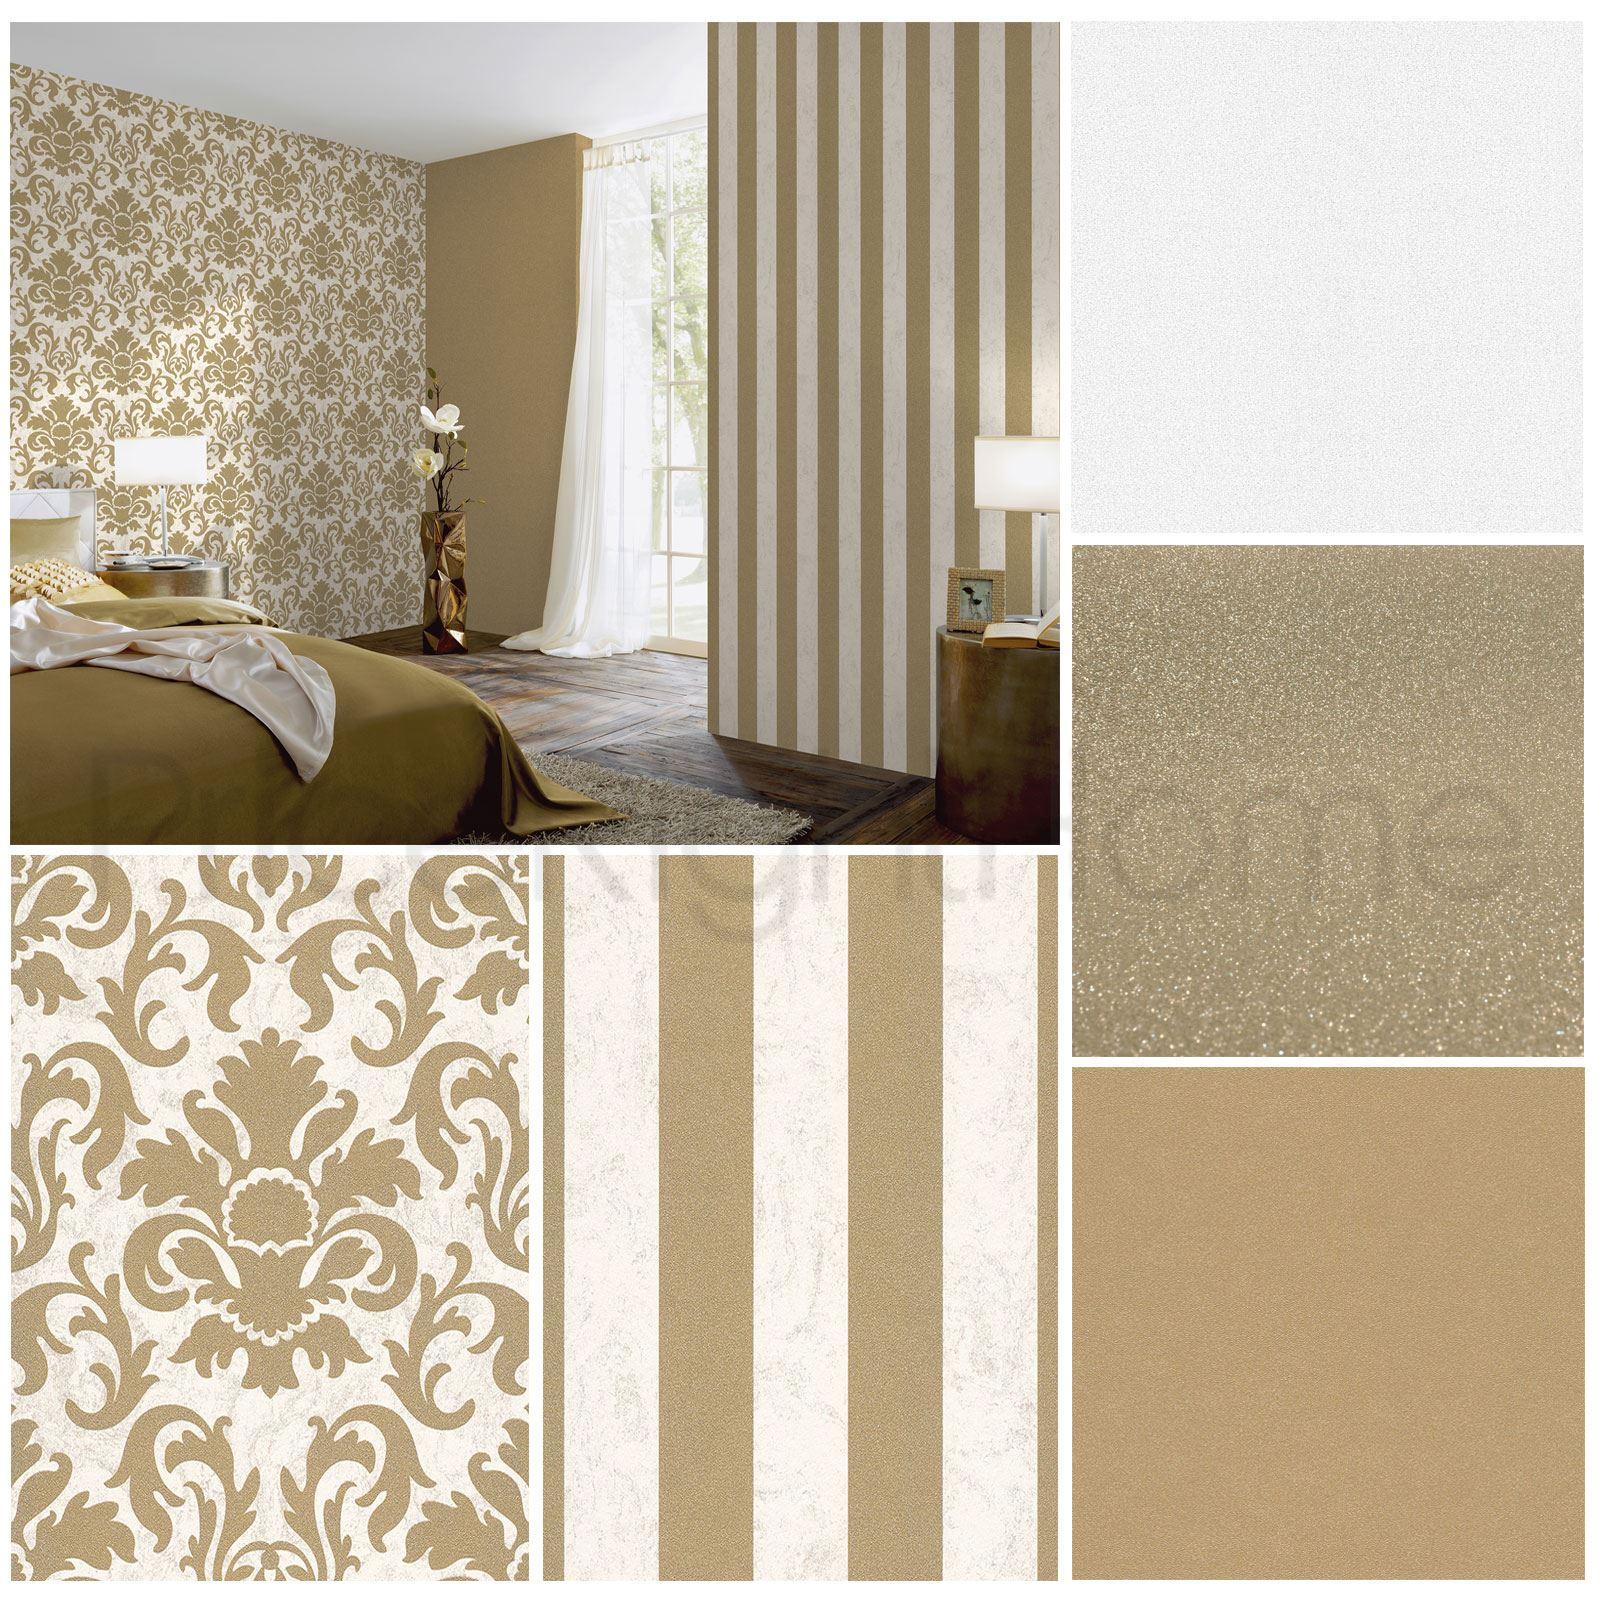 P s quilates blanco y dorado con purpurina papel pintado for Papel pintado marron y dorado